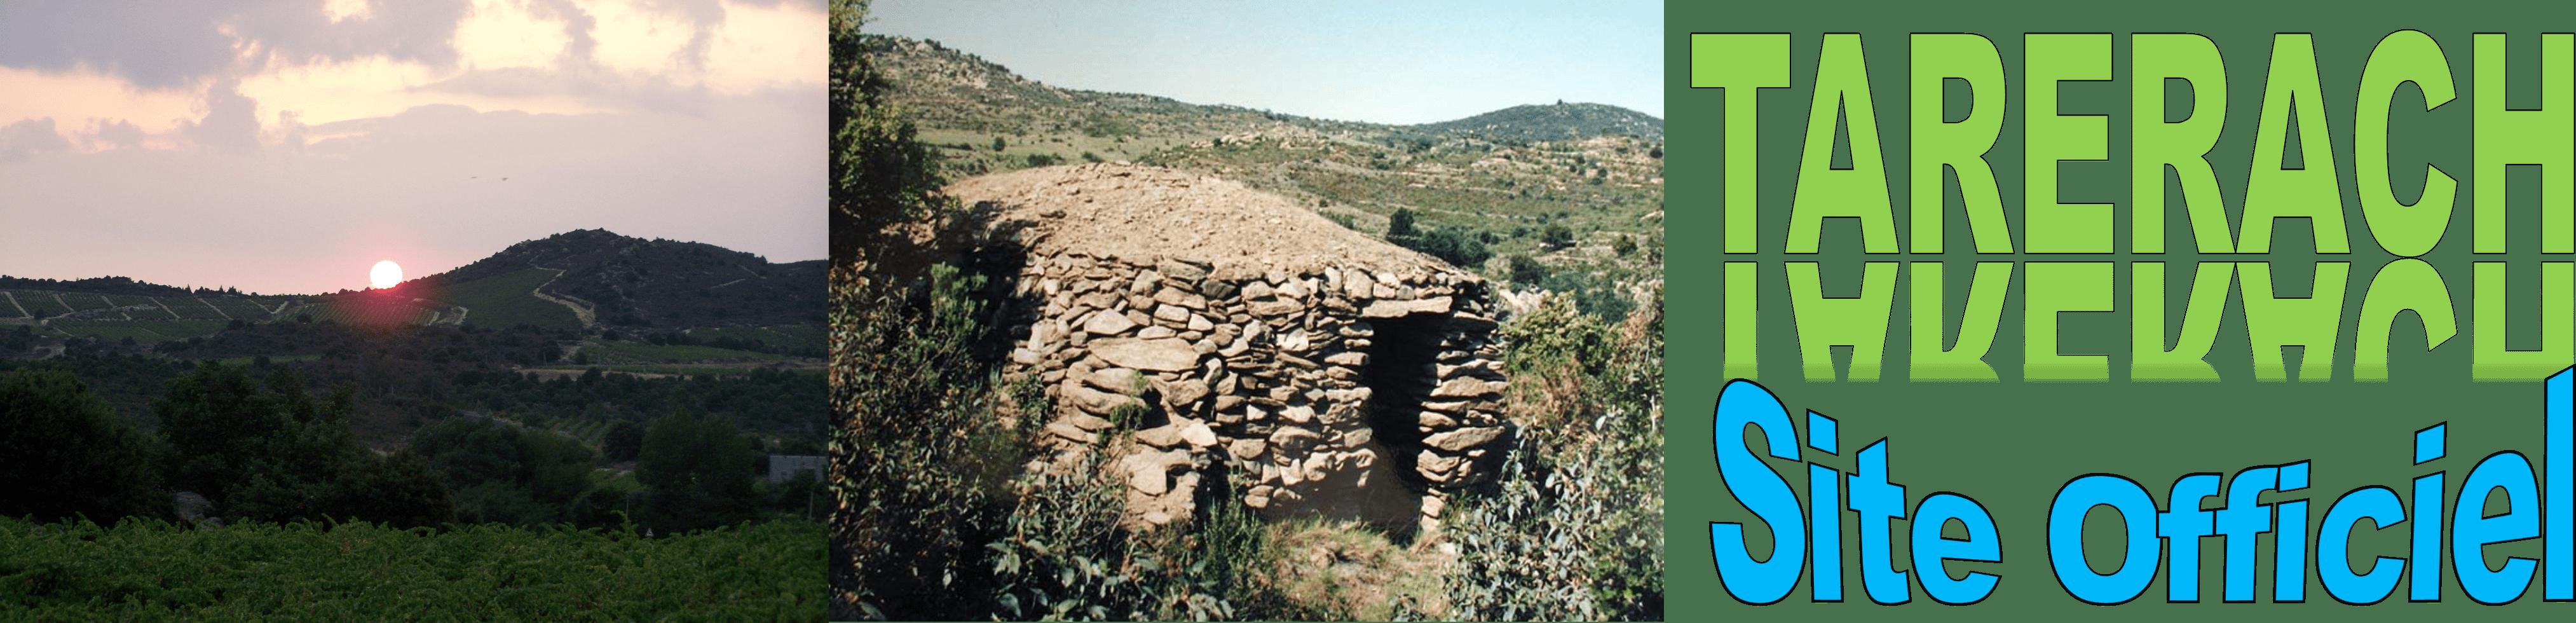 Tarerach